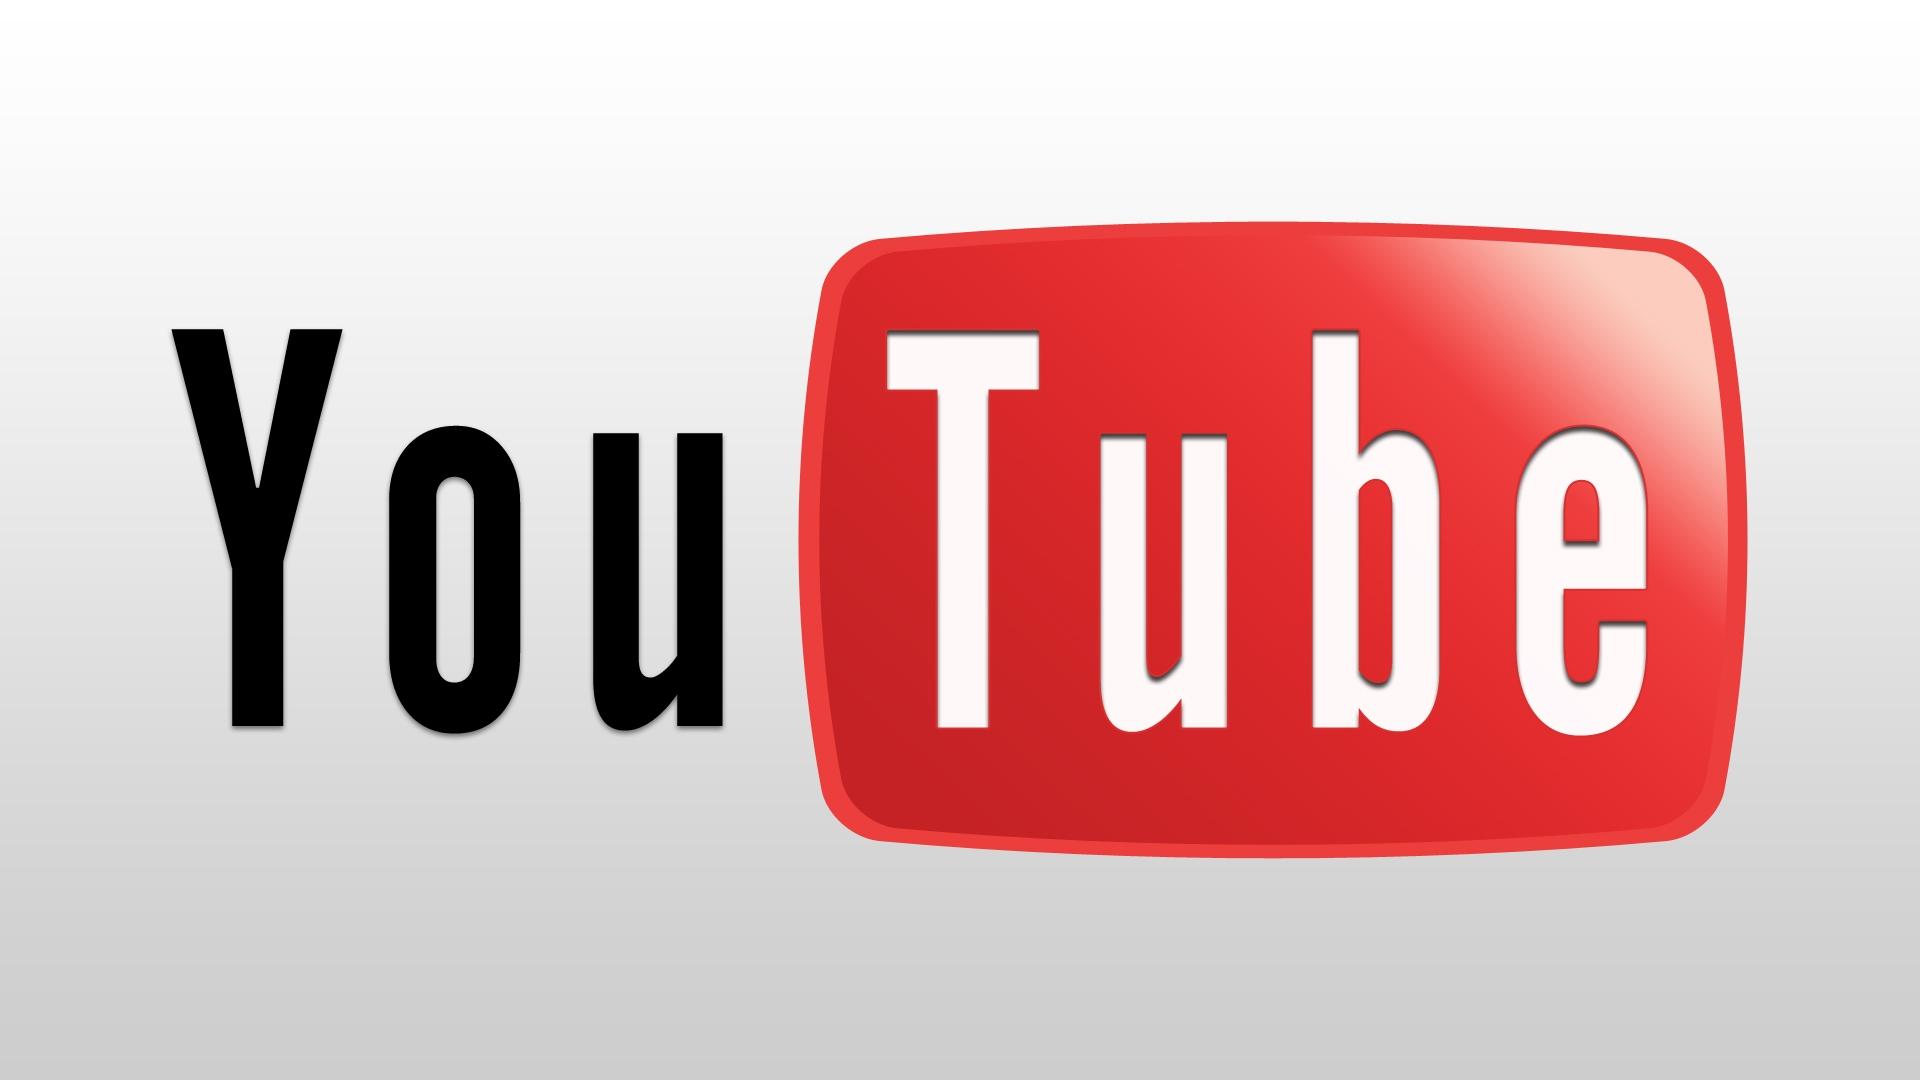 YouTube marketing company in Kochi Kerala